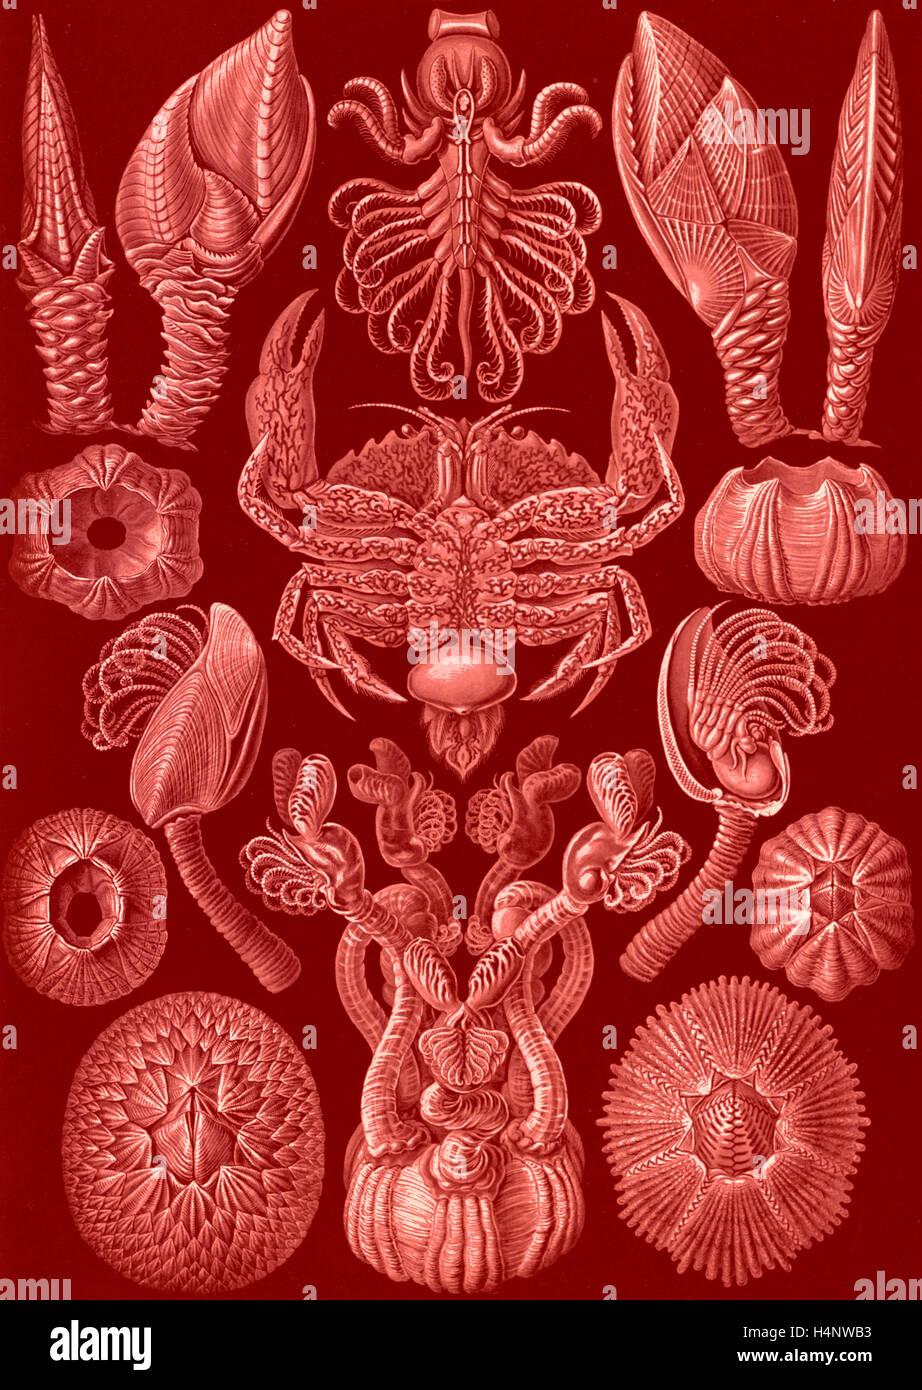 La ilustración muestra los percebes. Cirripedia. - Rankenkreble, 1 : impresión fotomecánica ; hoja 36 x 26 cm., 1904. Ernst Haeckel Foto de stock